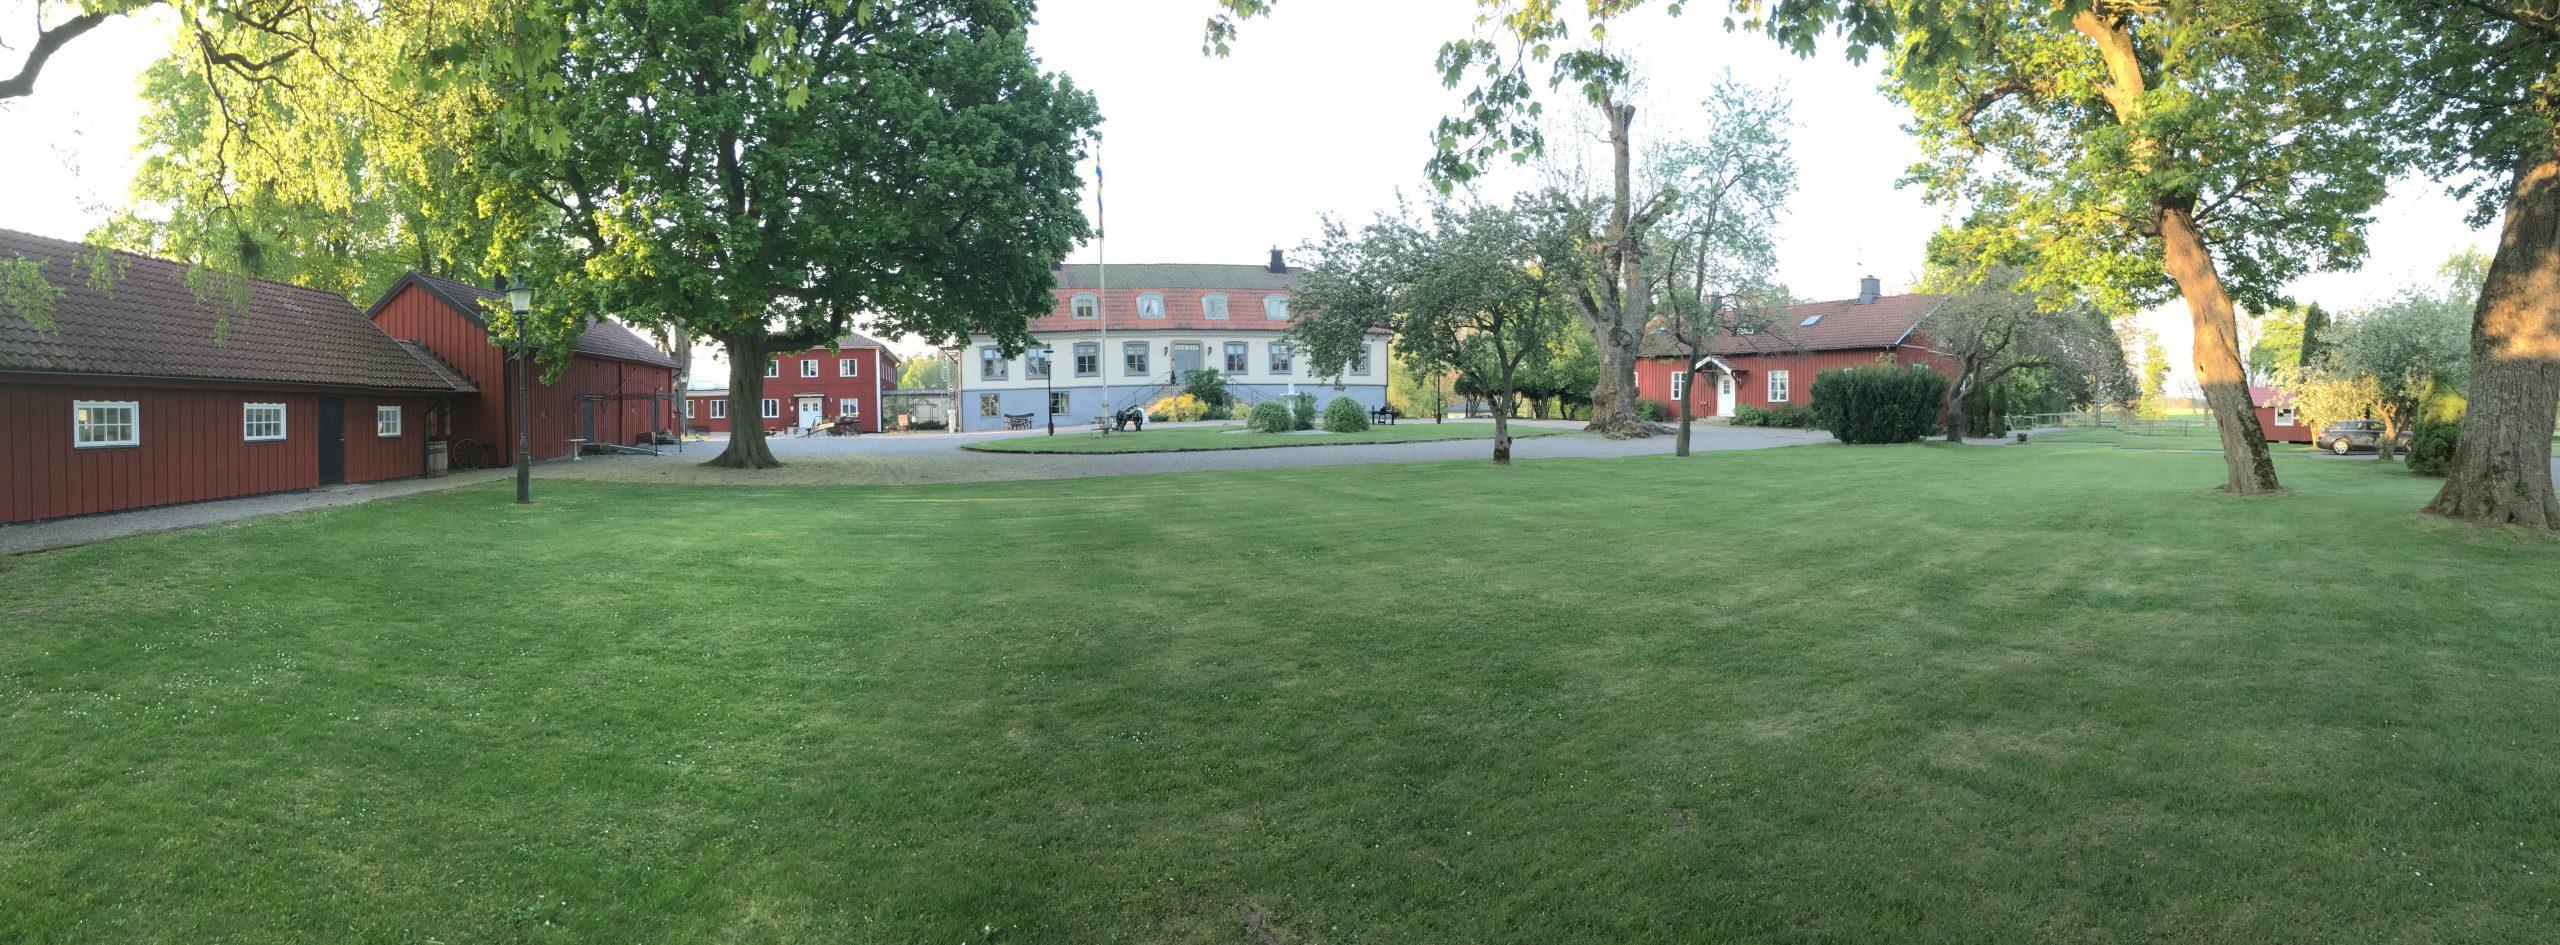 Brunsbo-Hotell-Gästgiveri och Biskopsgård-Skara